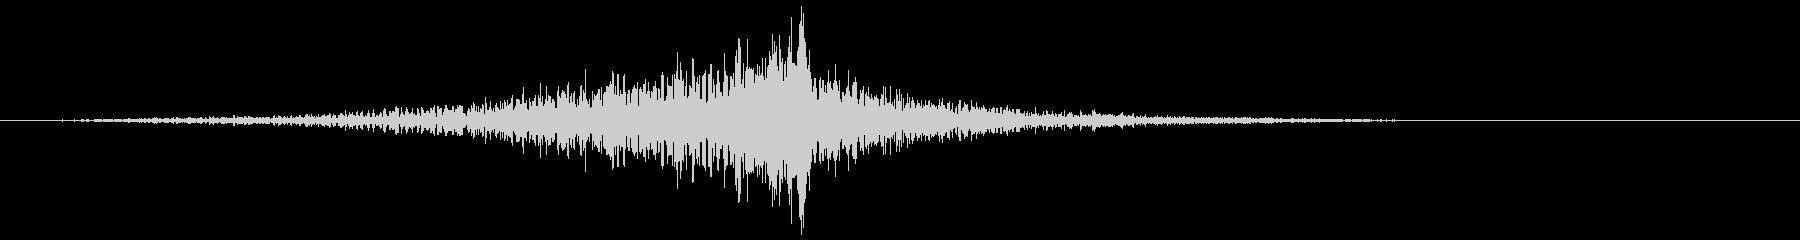 ヒューシュエアライジングフィナーレ1の未再生の波形